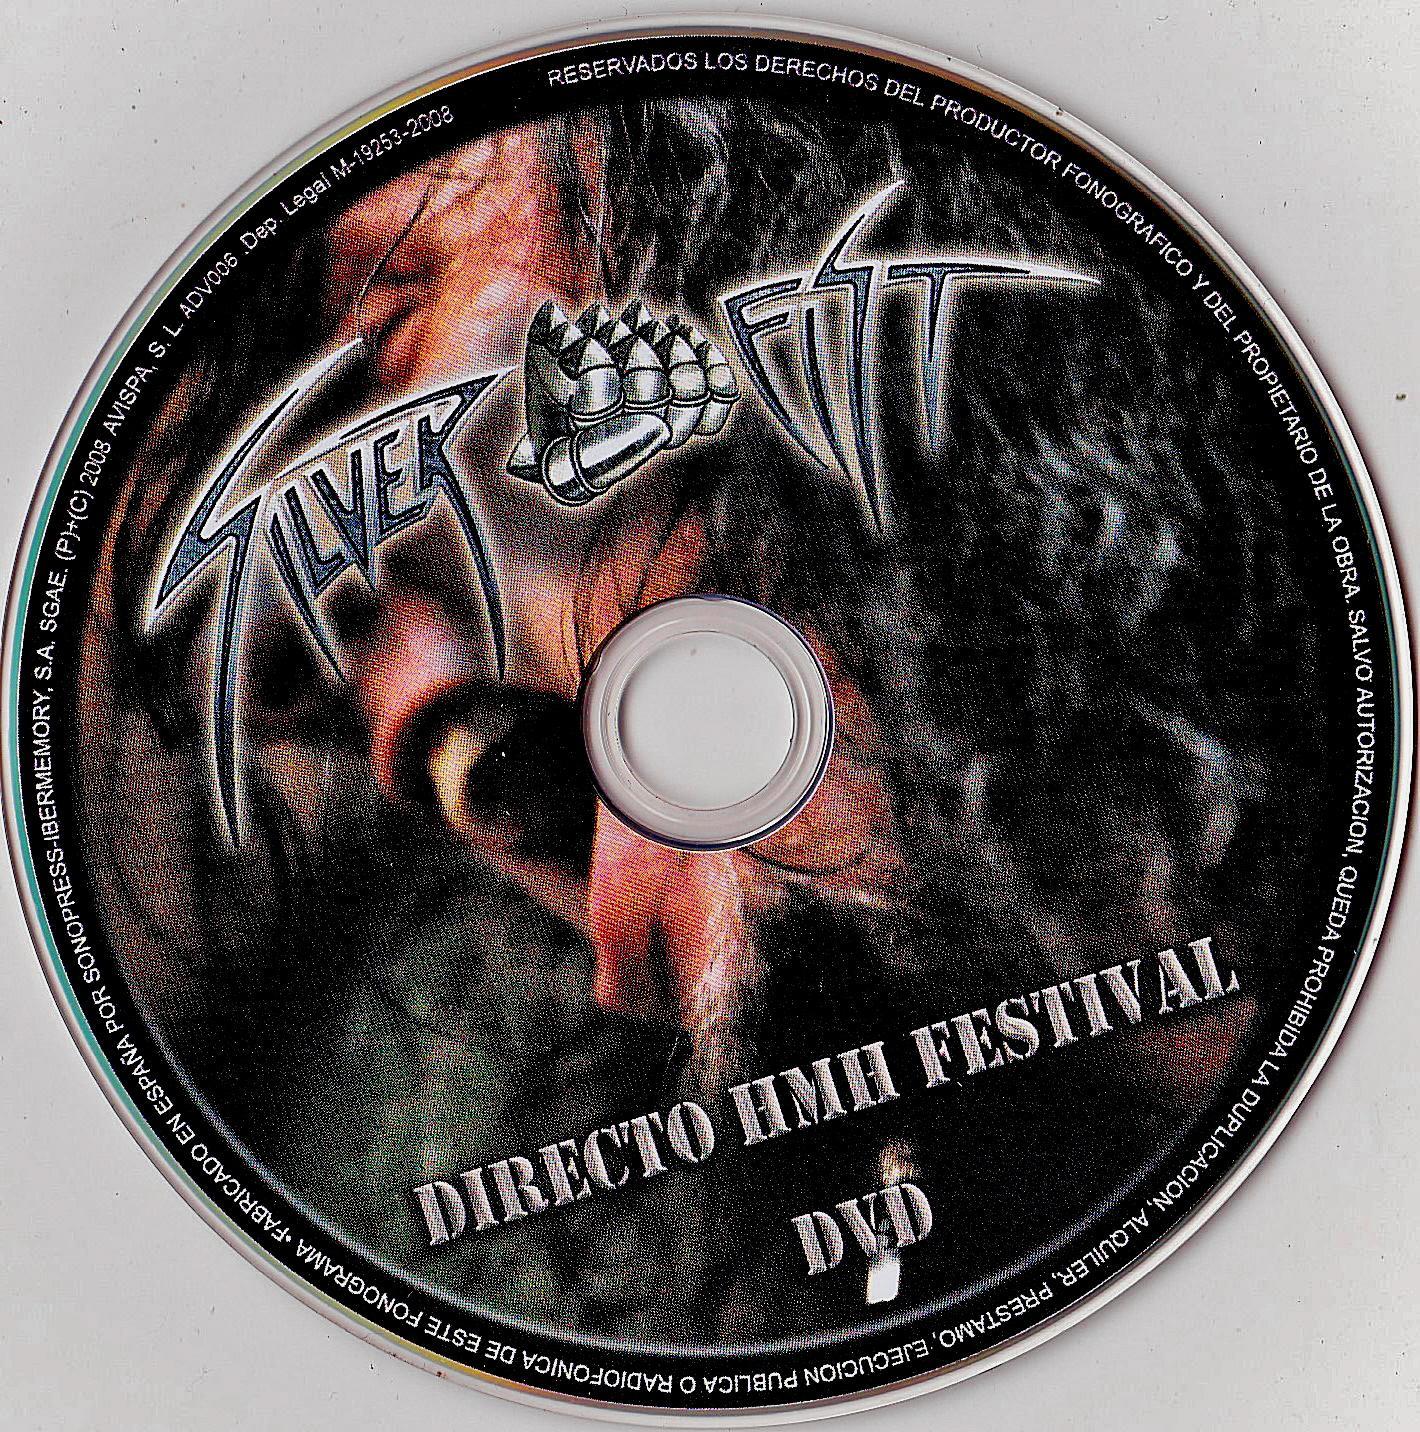 COVERS BOX SK ::: Silver Fist - Directo HMH Festival (2008) - high